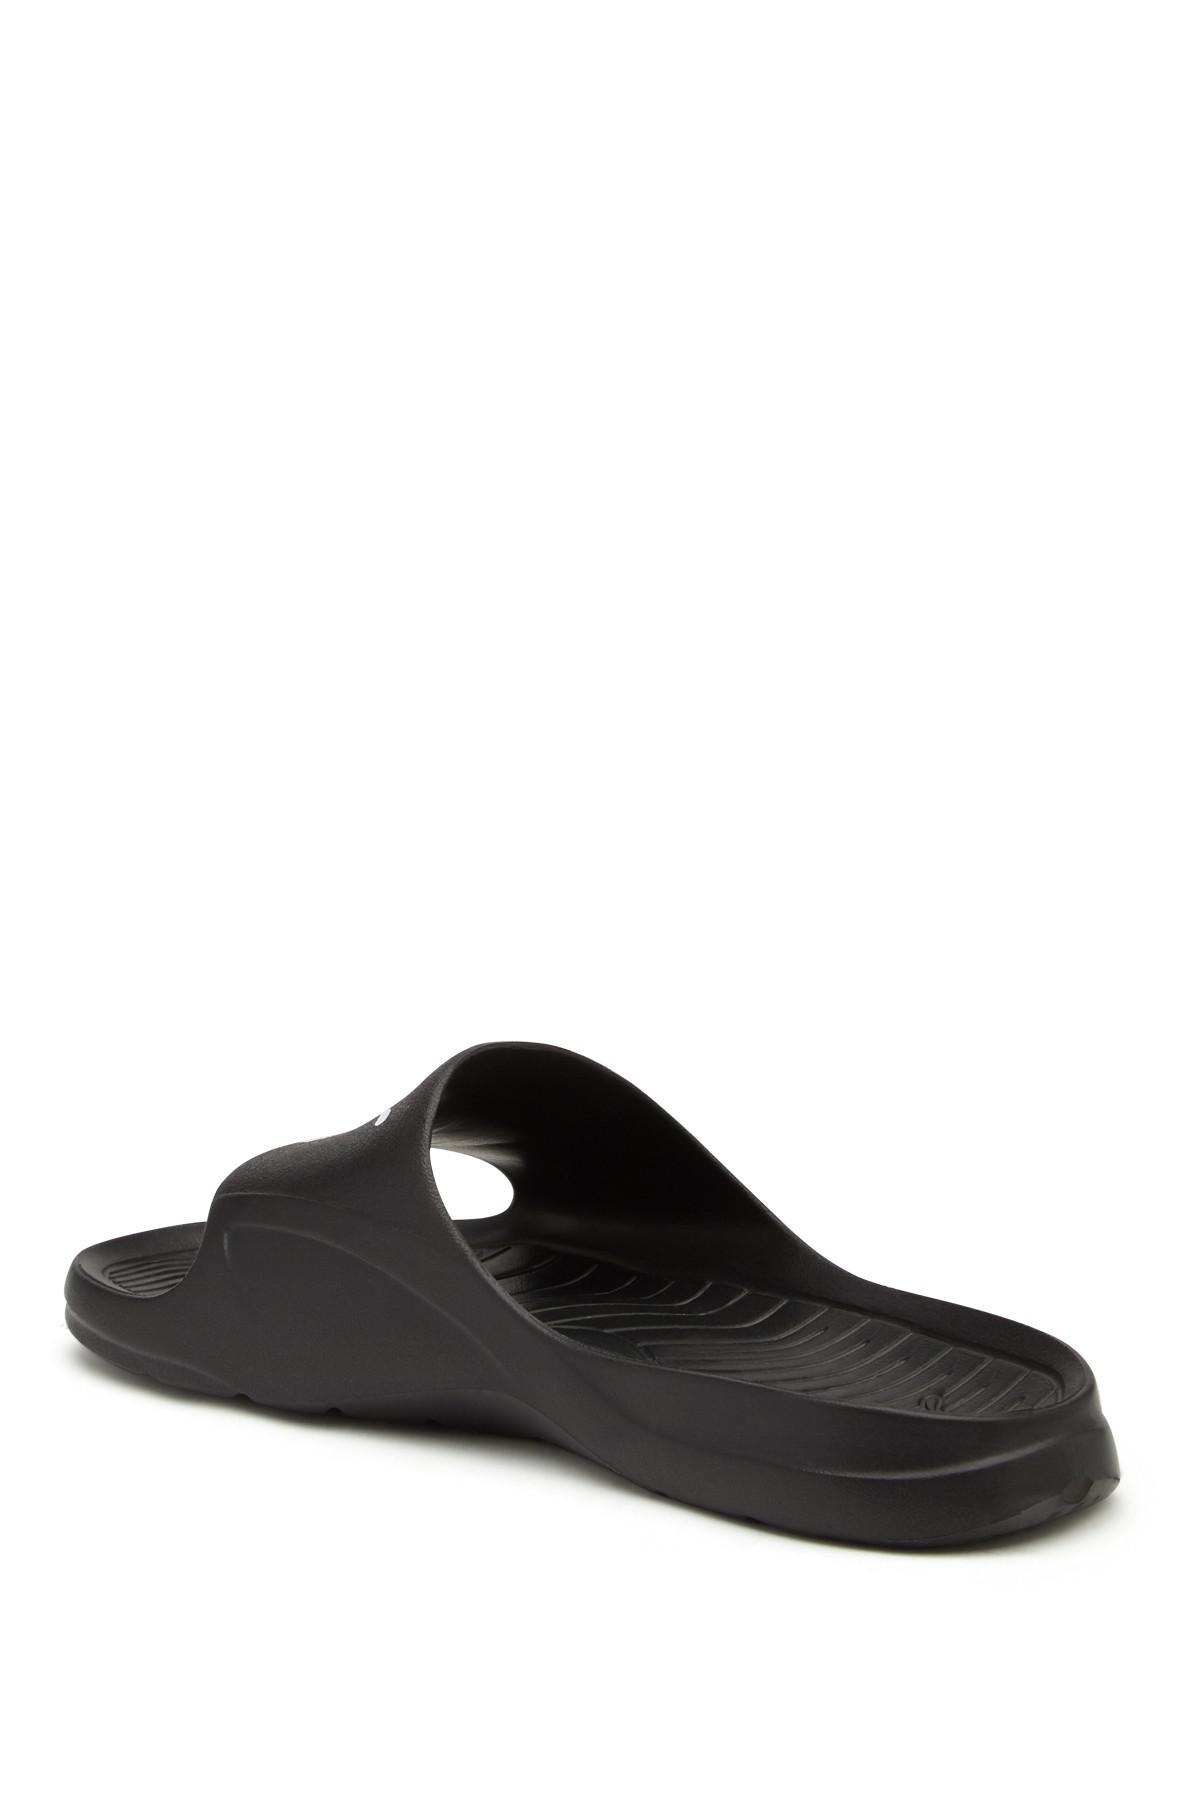 0ff78ad398b Lyst - PUMA Divecat Slide Sandal in Black for Men